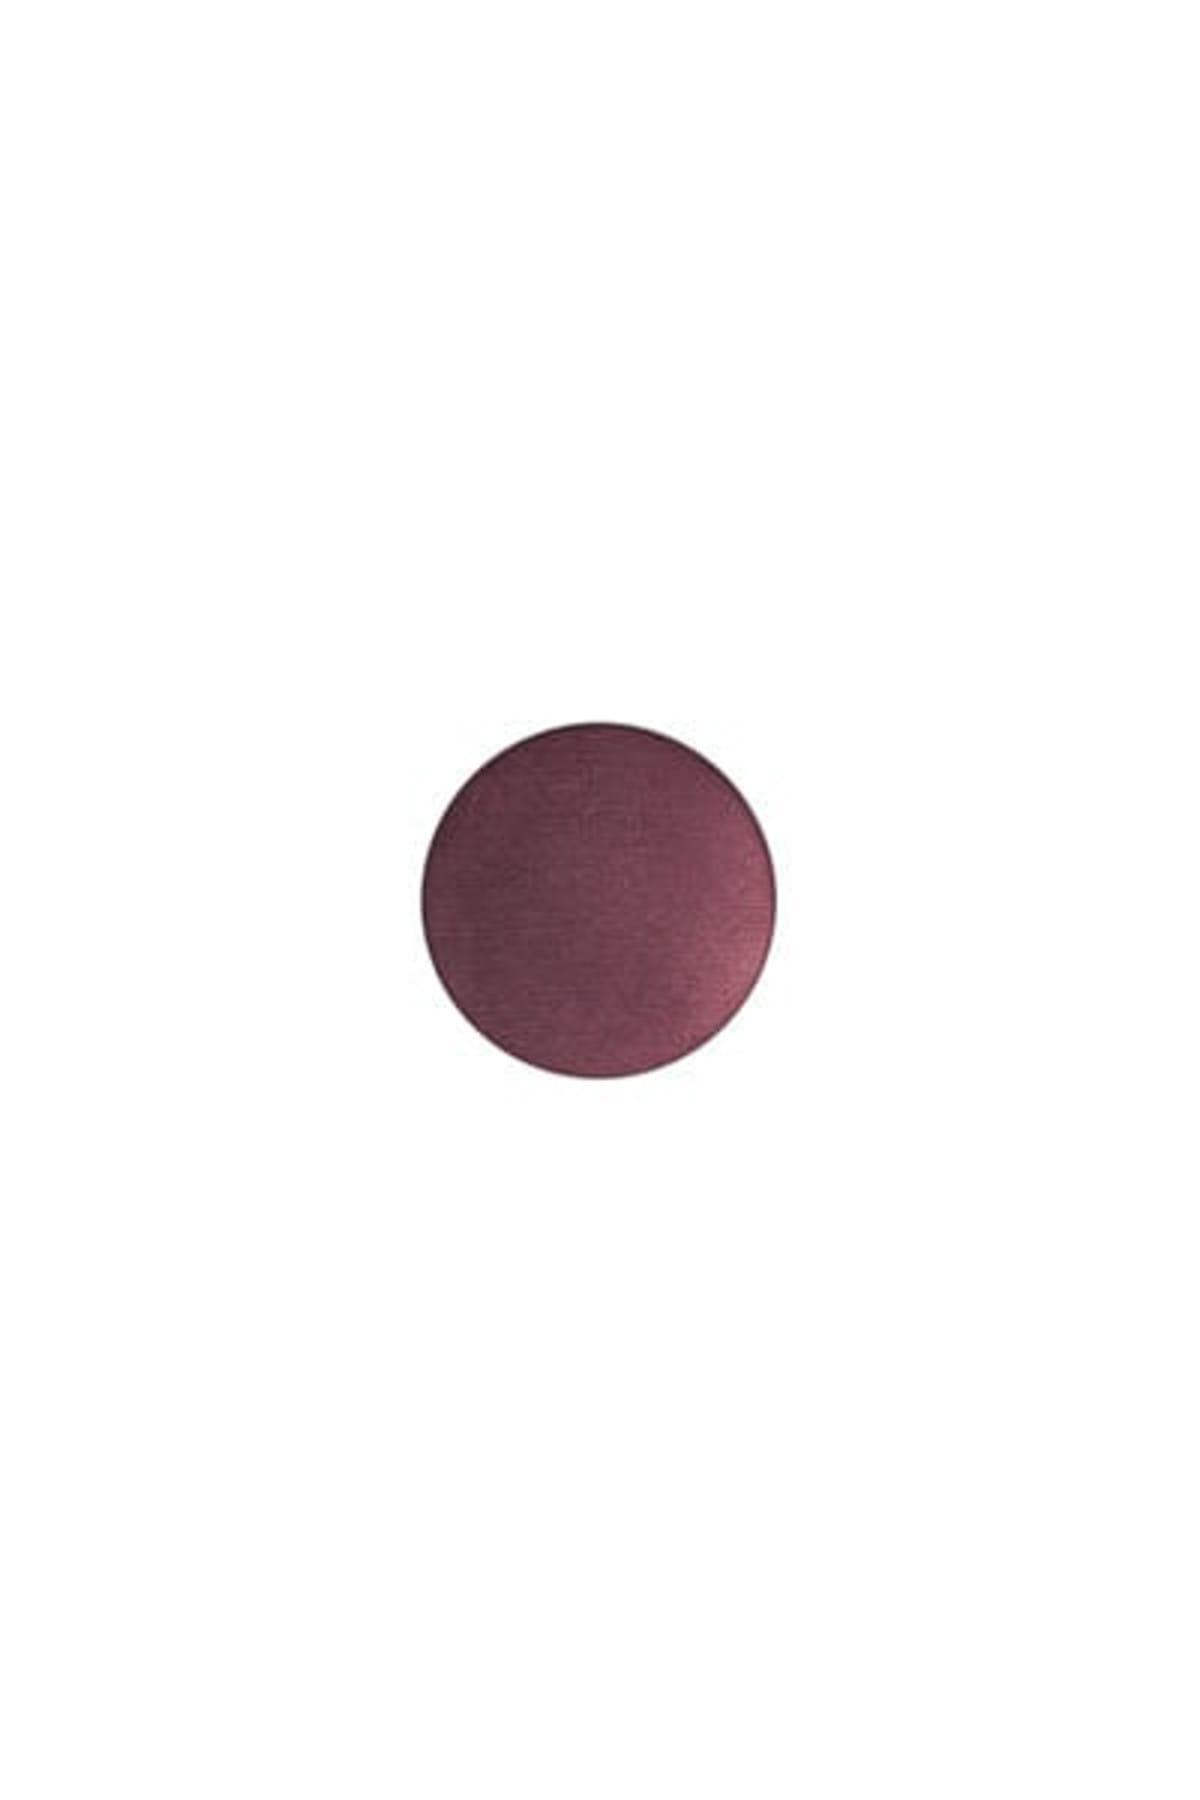 M.A.C Göz Farı - Refill Far Sketch 1.5 g 773602966301 1